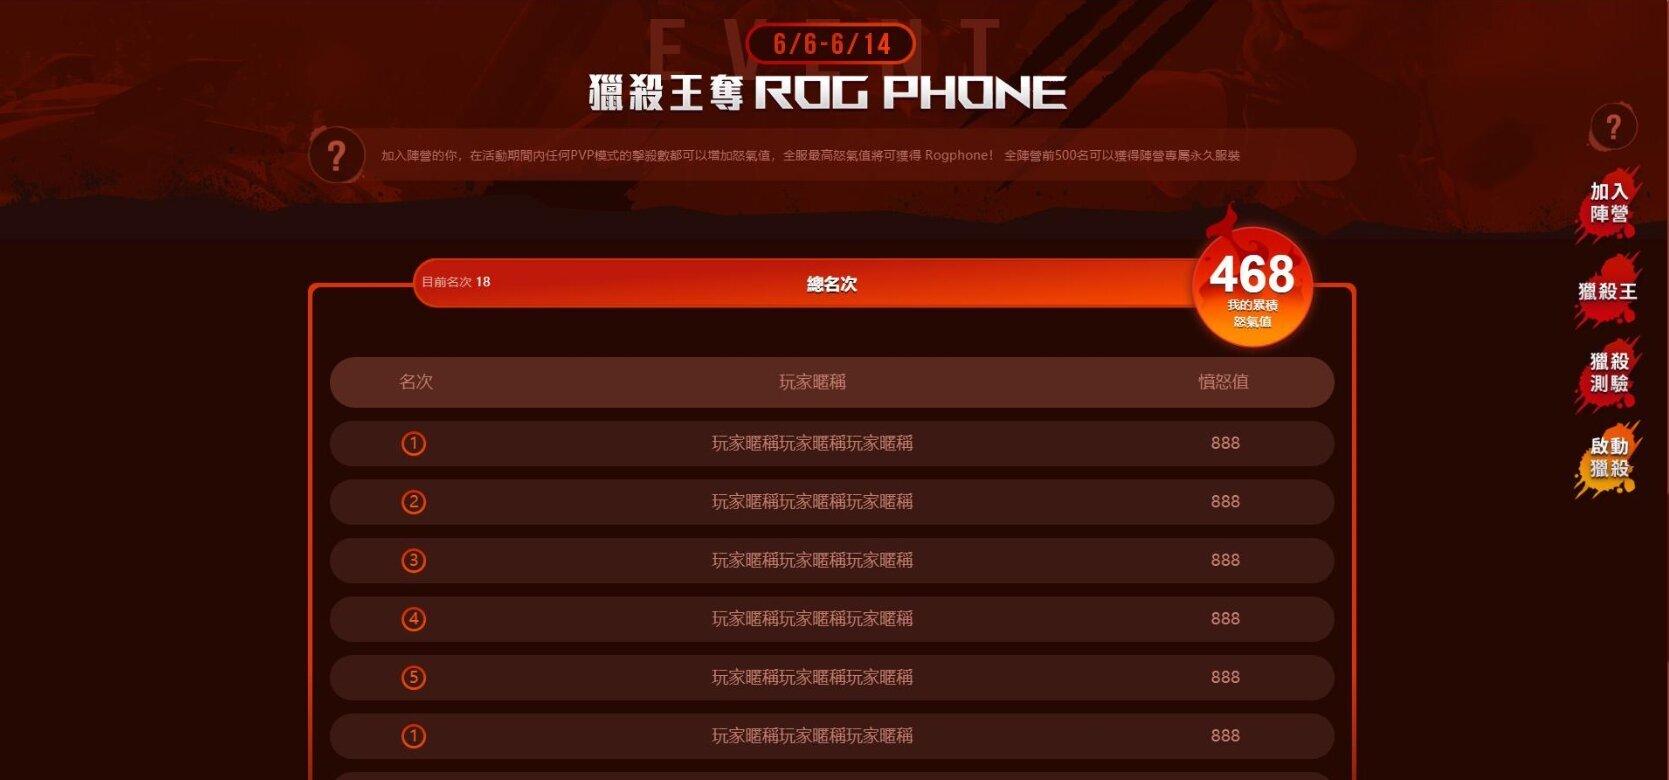 ▲活動結算時全服怒氣值(擊殺數)最高的玩家可獲得最強電競手機ROG PHONE!